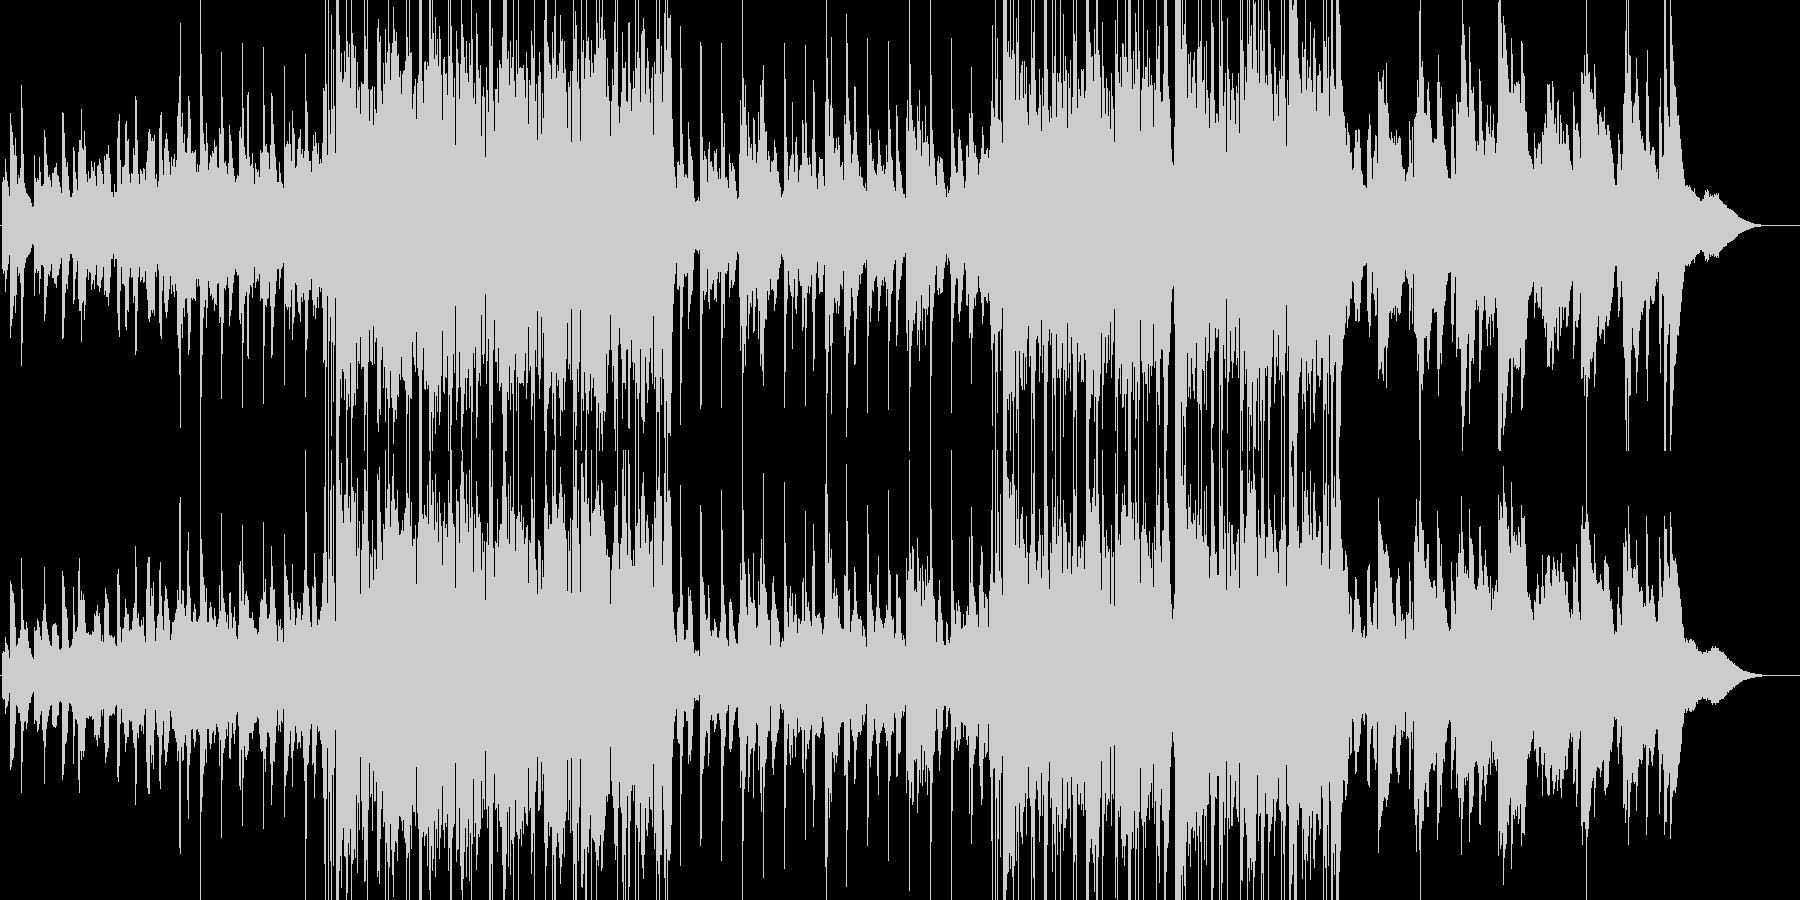 ビートの効いたゆったりバラードの未再生の波形